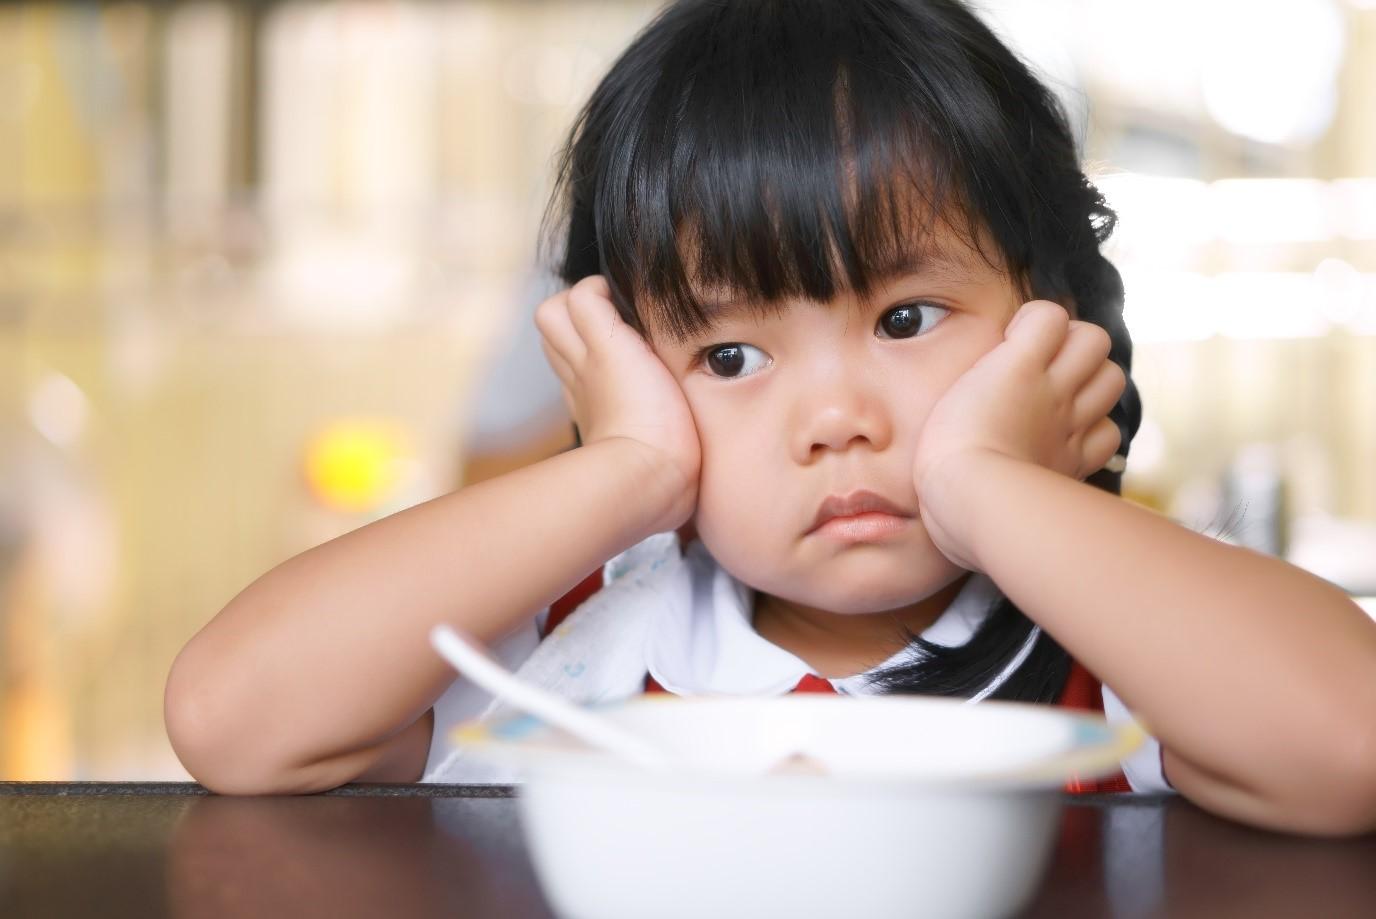 Chán nản khi vào mỗi bữa ăn